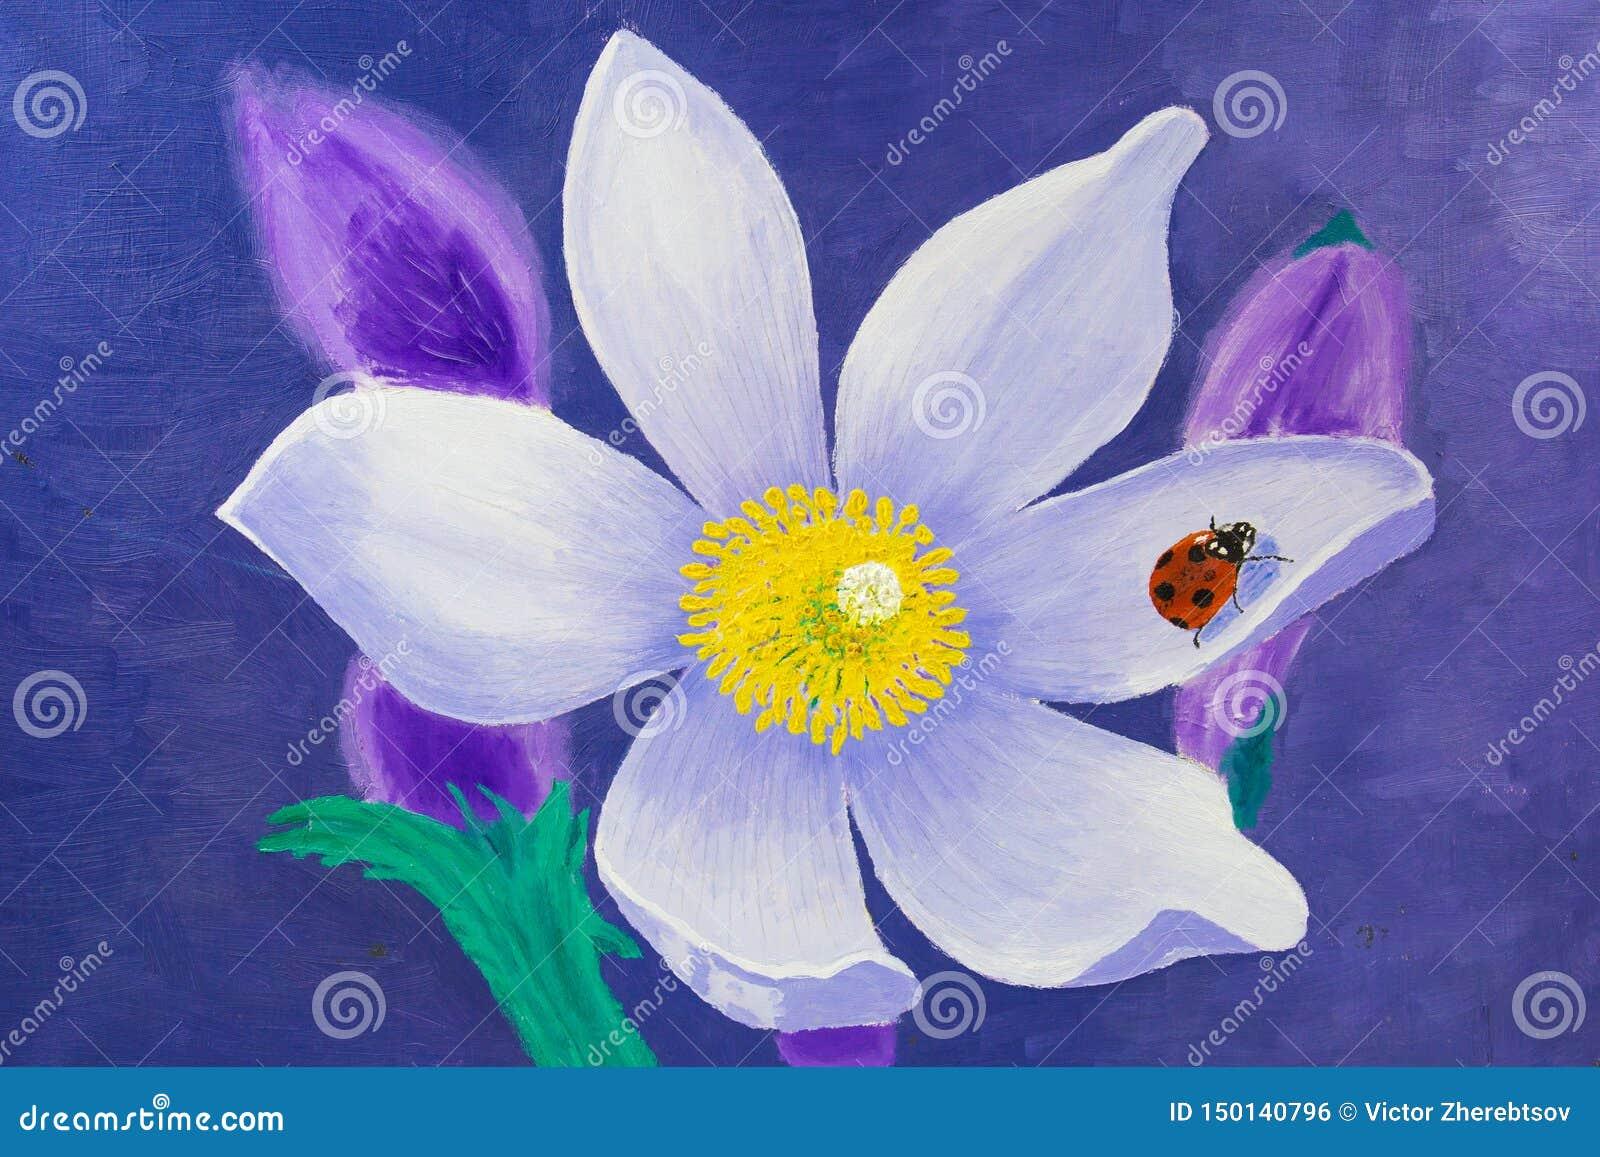 La peinture est faite en huile Fleur de Lotus blanc avec une coccinelle rouge sur une feuille